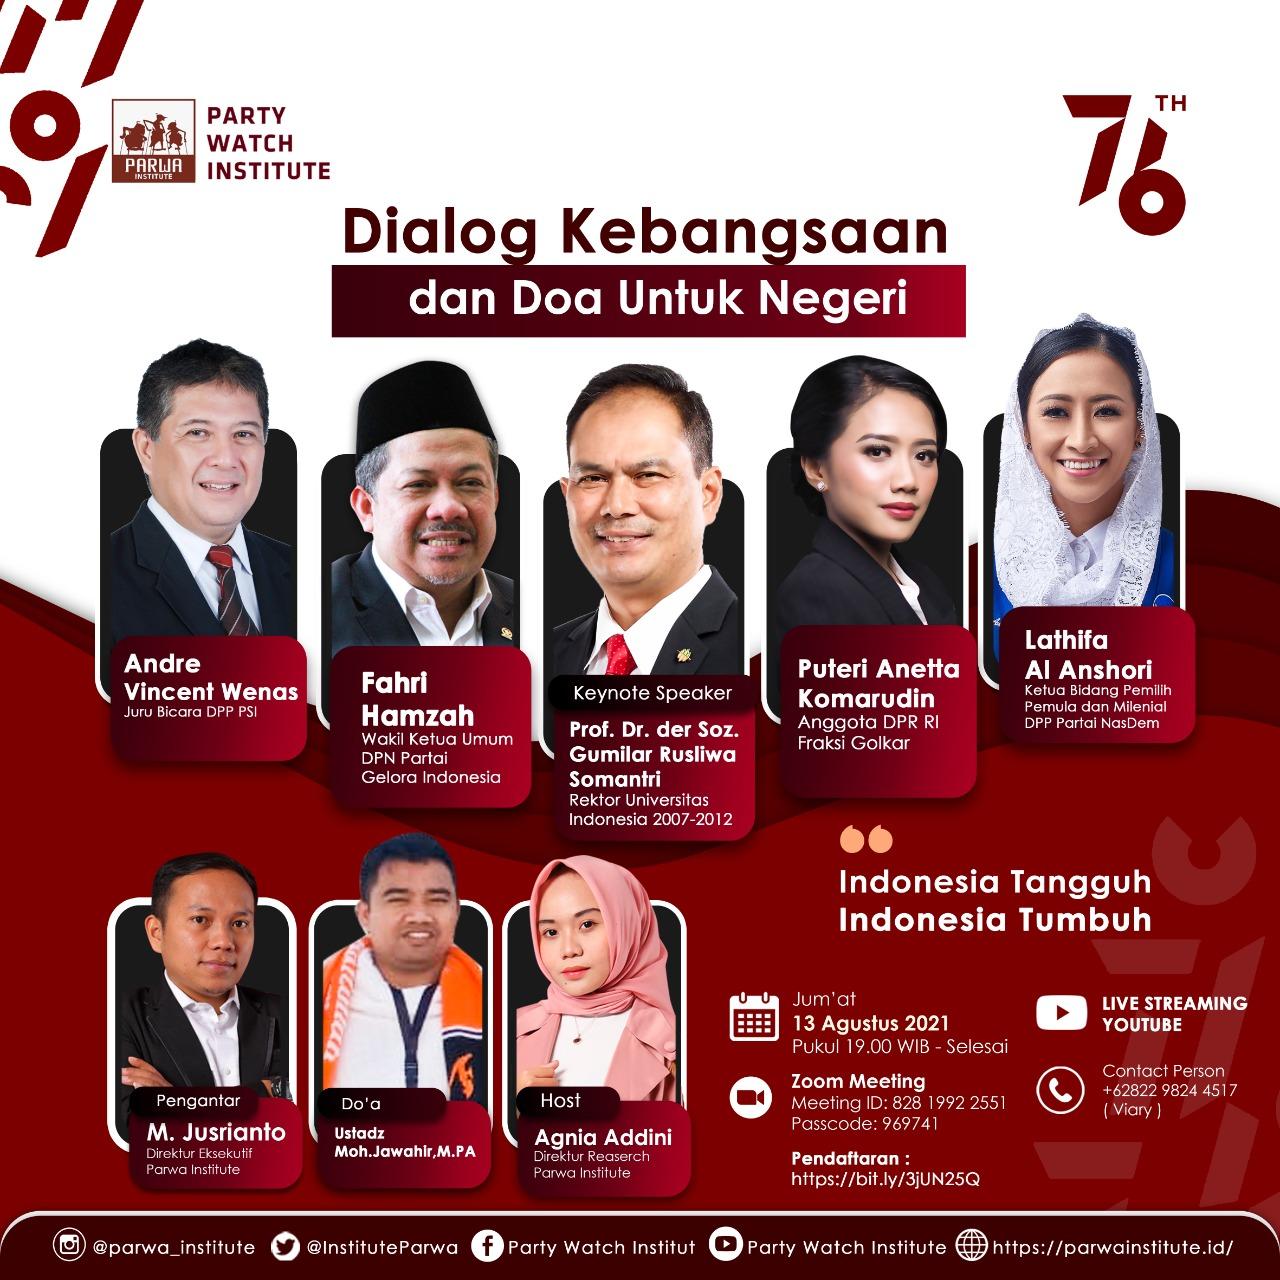 Dialog Kebangsaan & Doa untuk Negeri